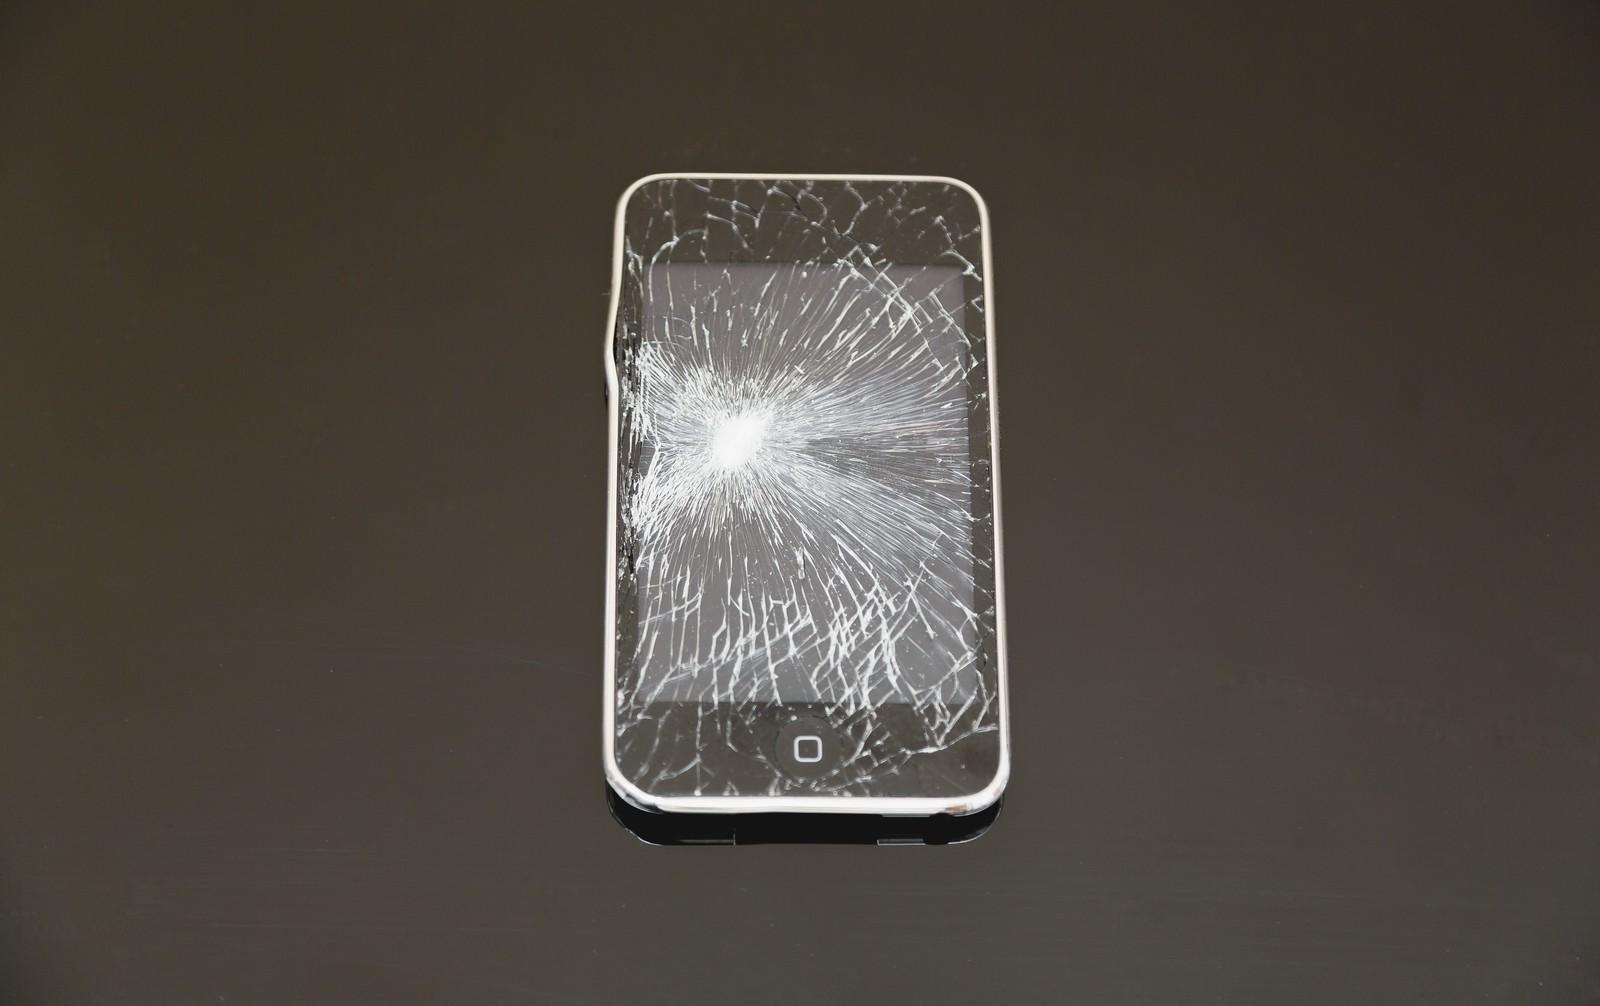 自分でも簡単にできる「iPhone4,5,6s」の液晶パネルの分解、修理方法